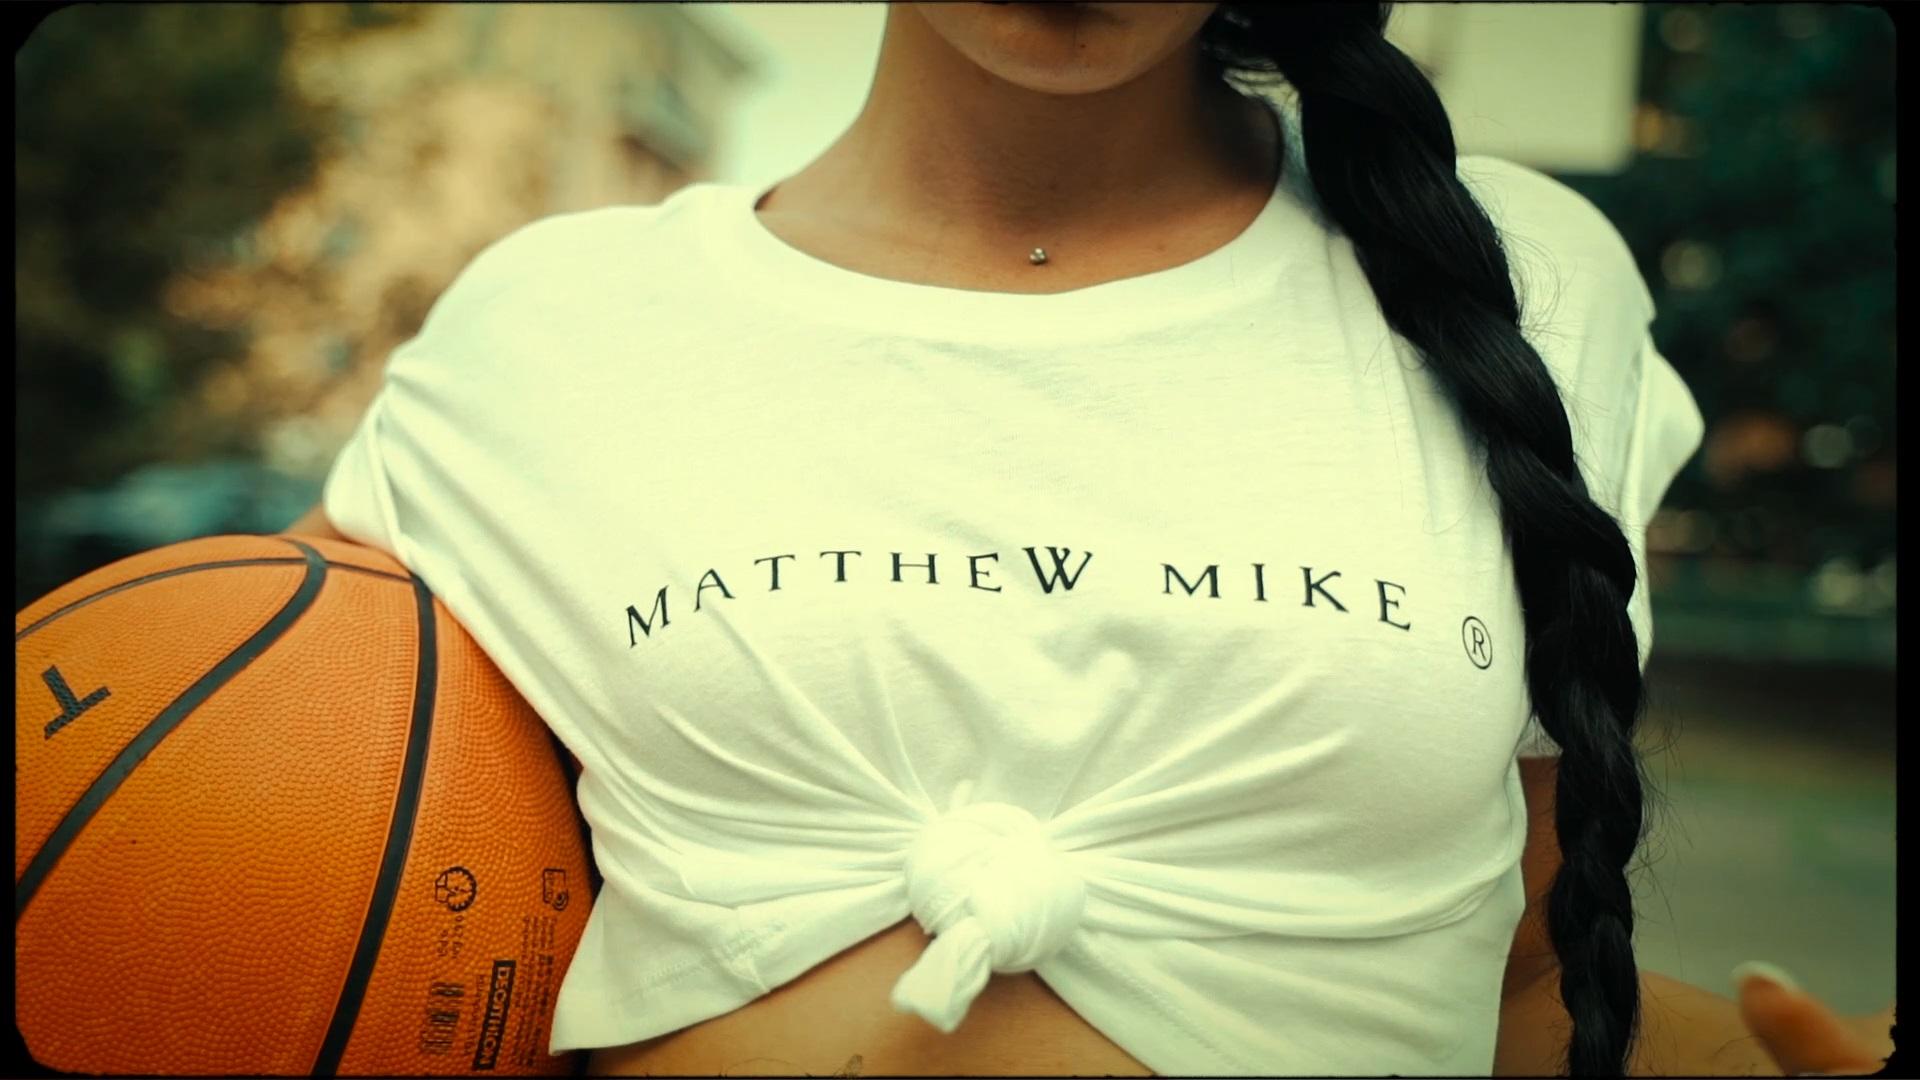 fashion-video-corporate-matthew-mike-marchio-italiano-vendita-vestiti